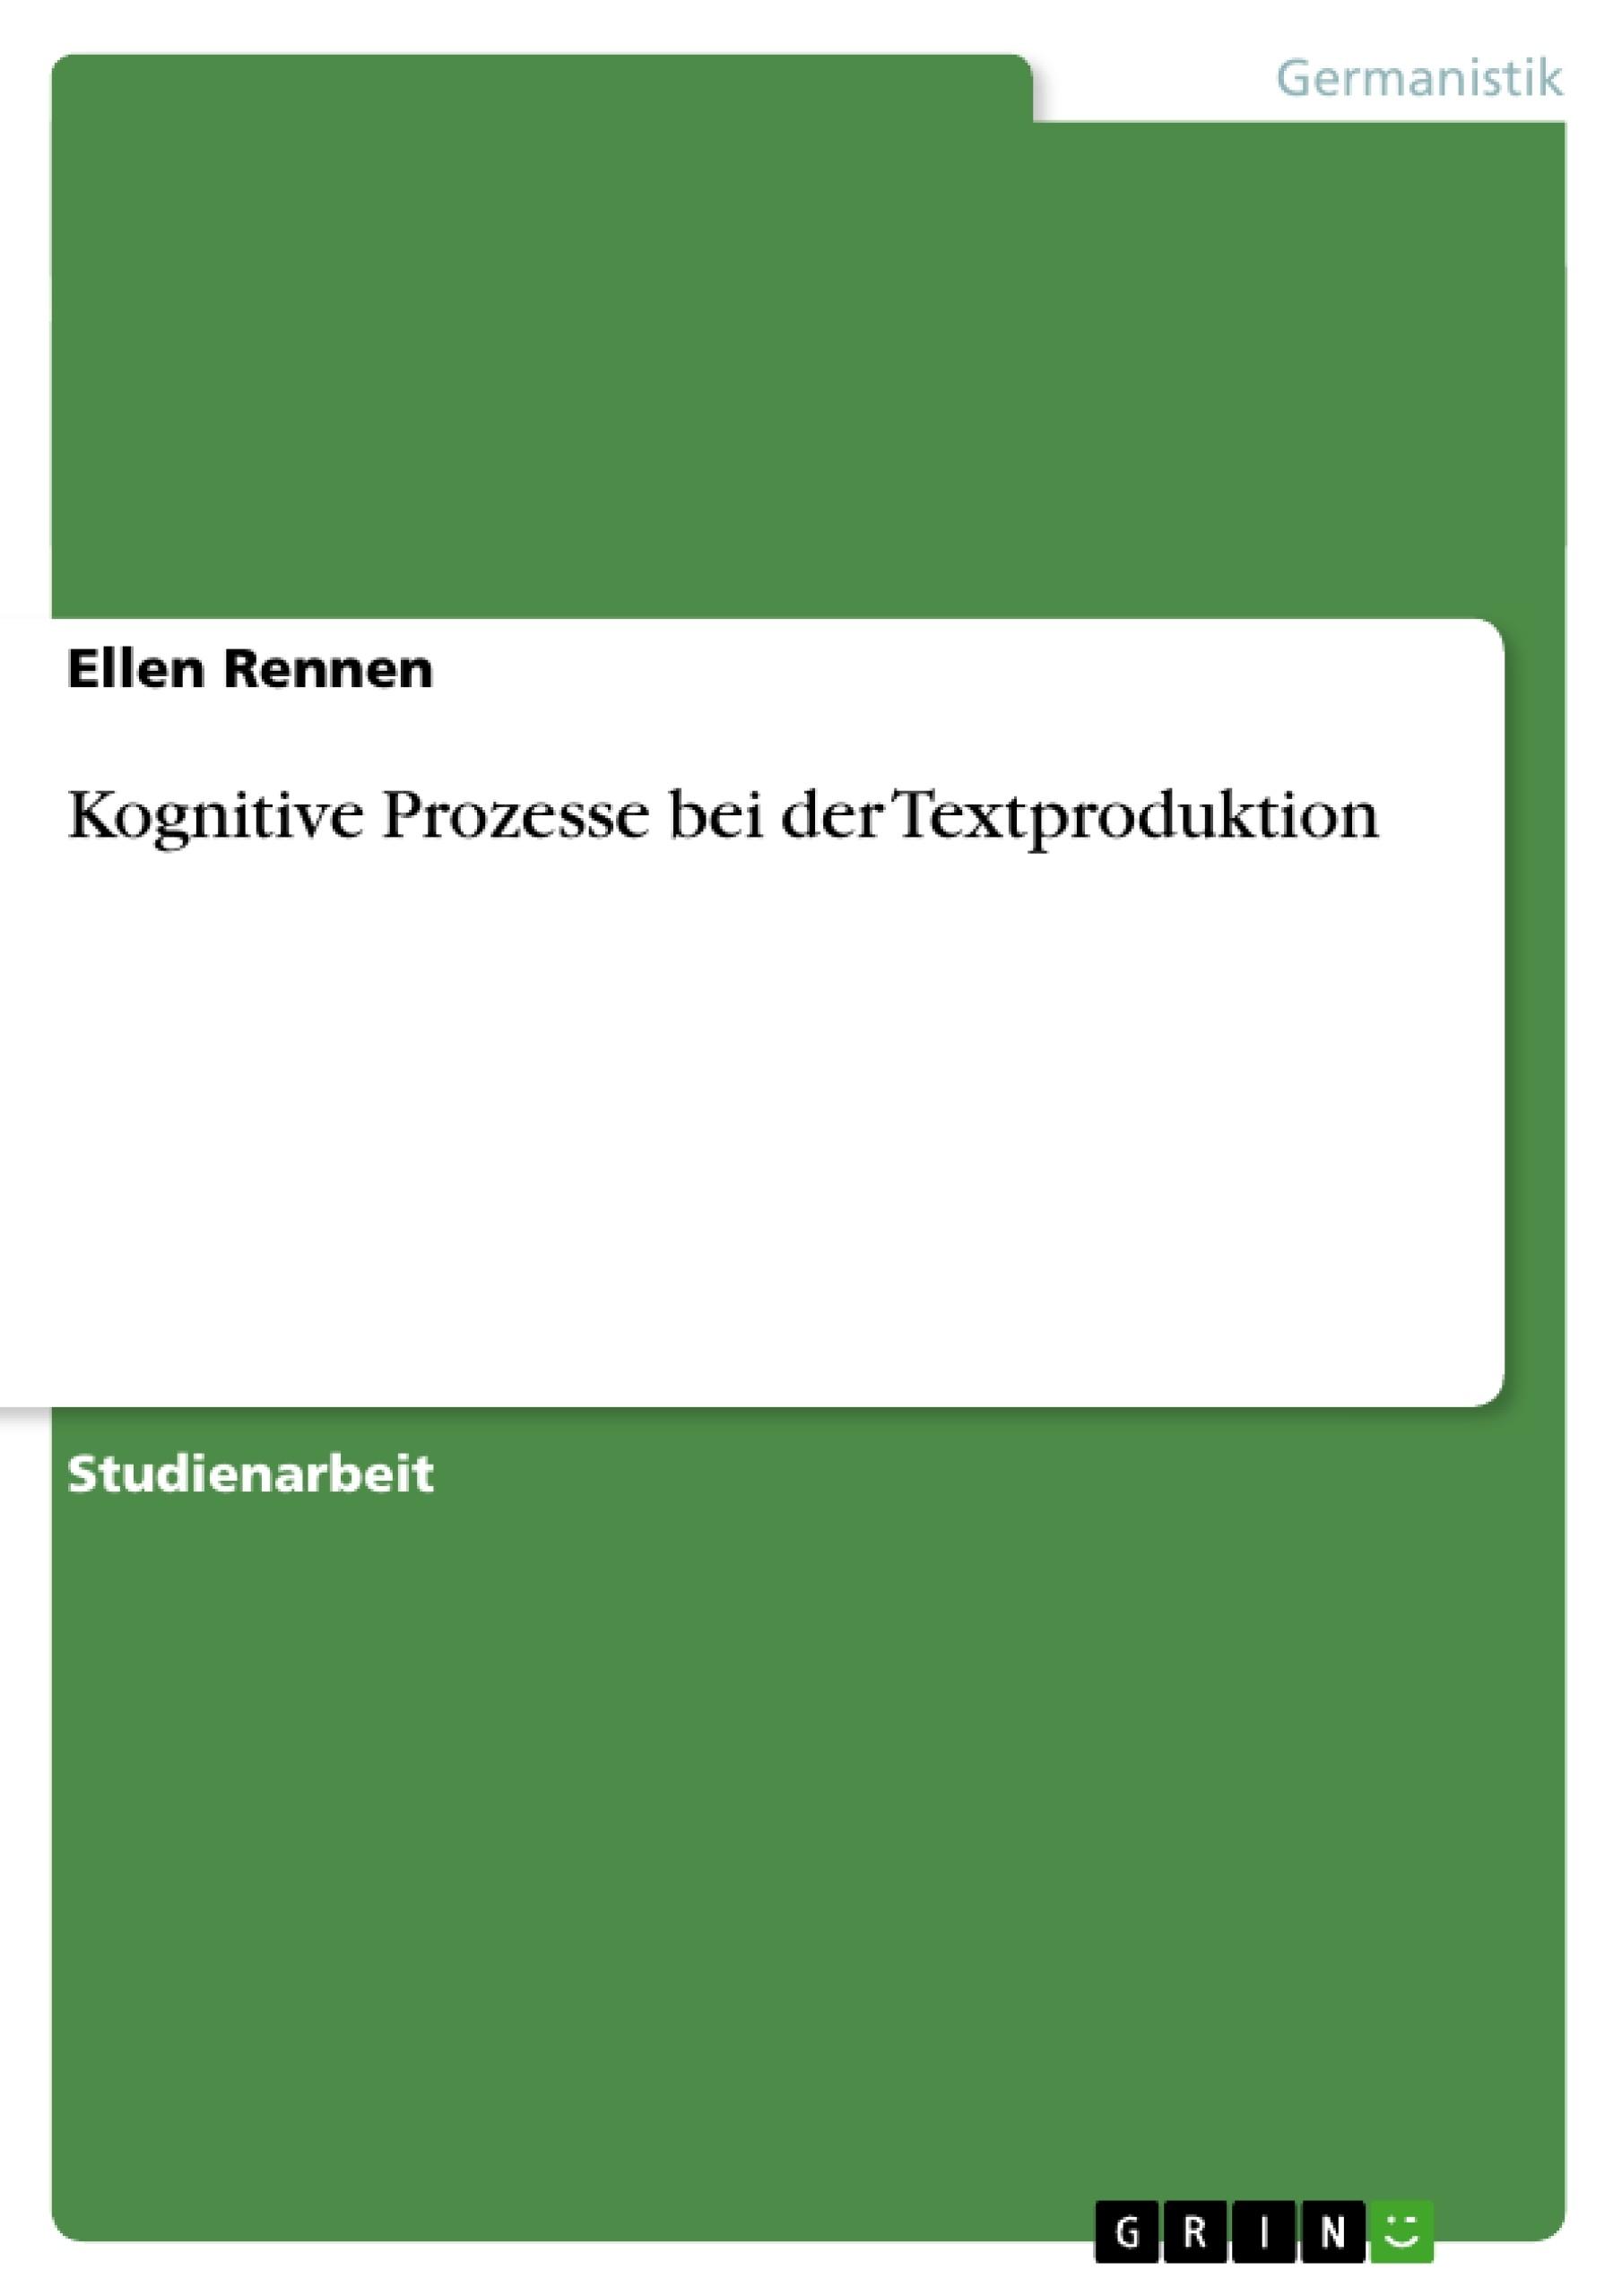 Titel: Kognitive Prozesse bei der Textproduktion